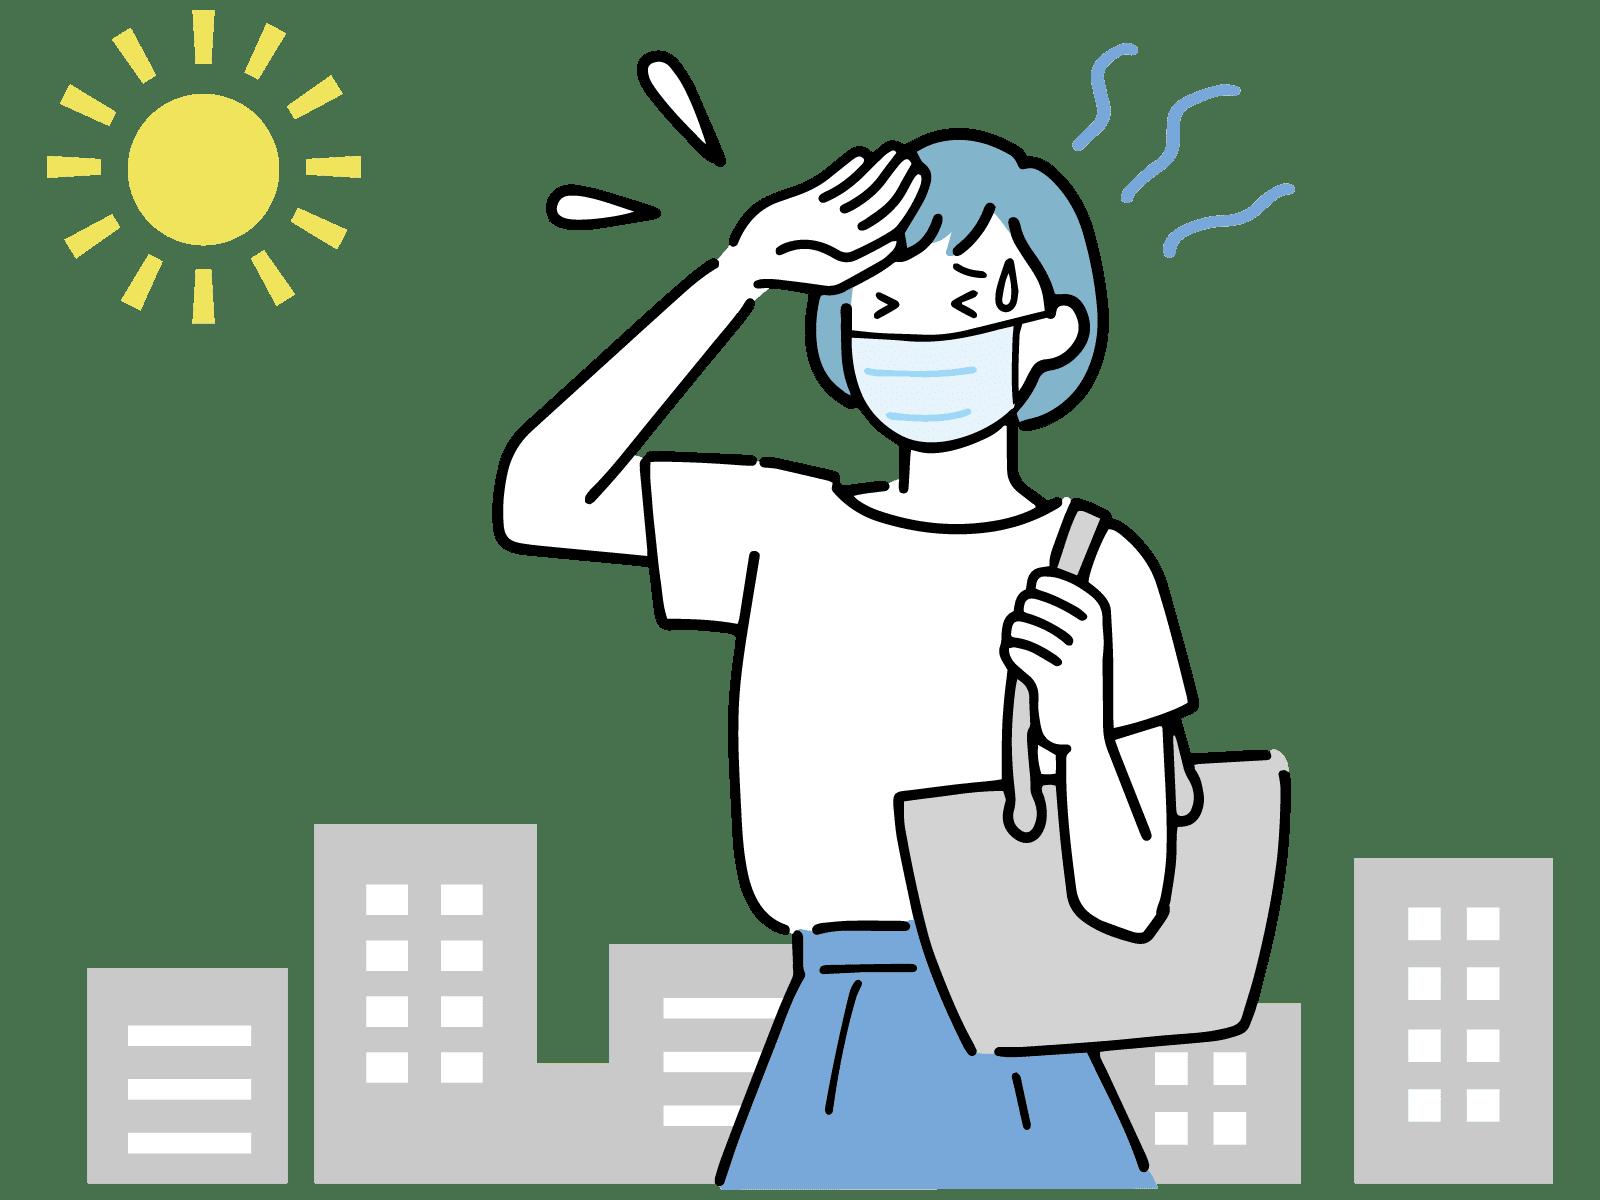 汗をかいているマスクをした女性のイラスト